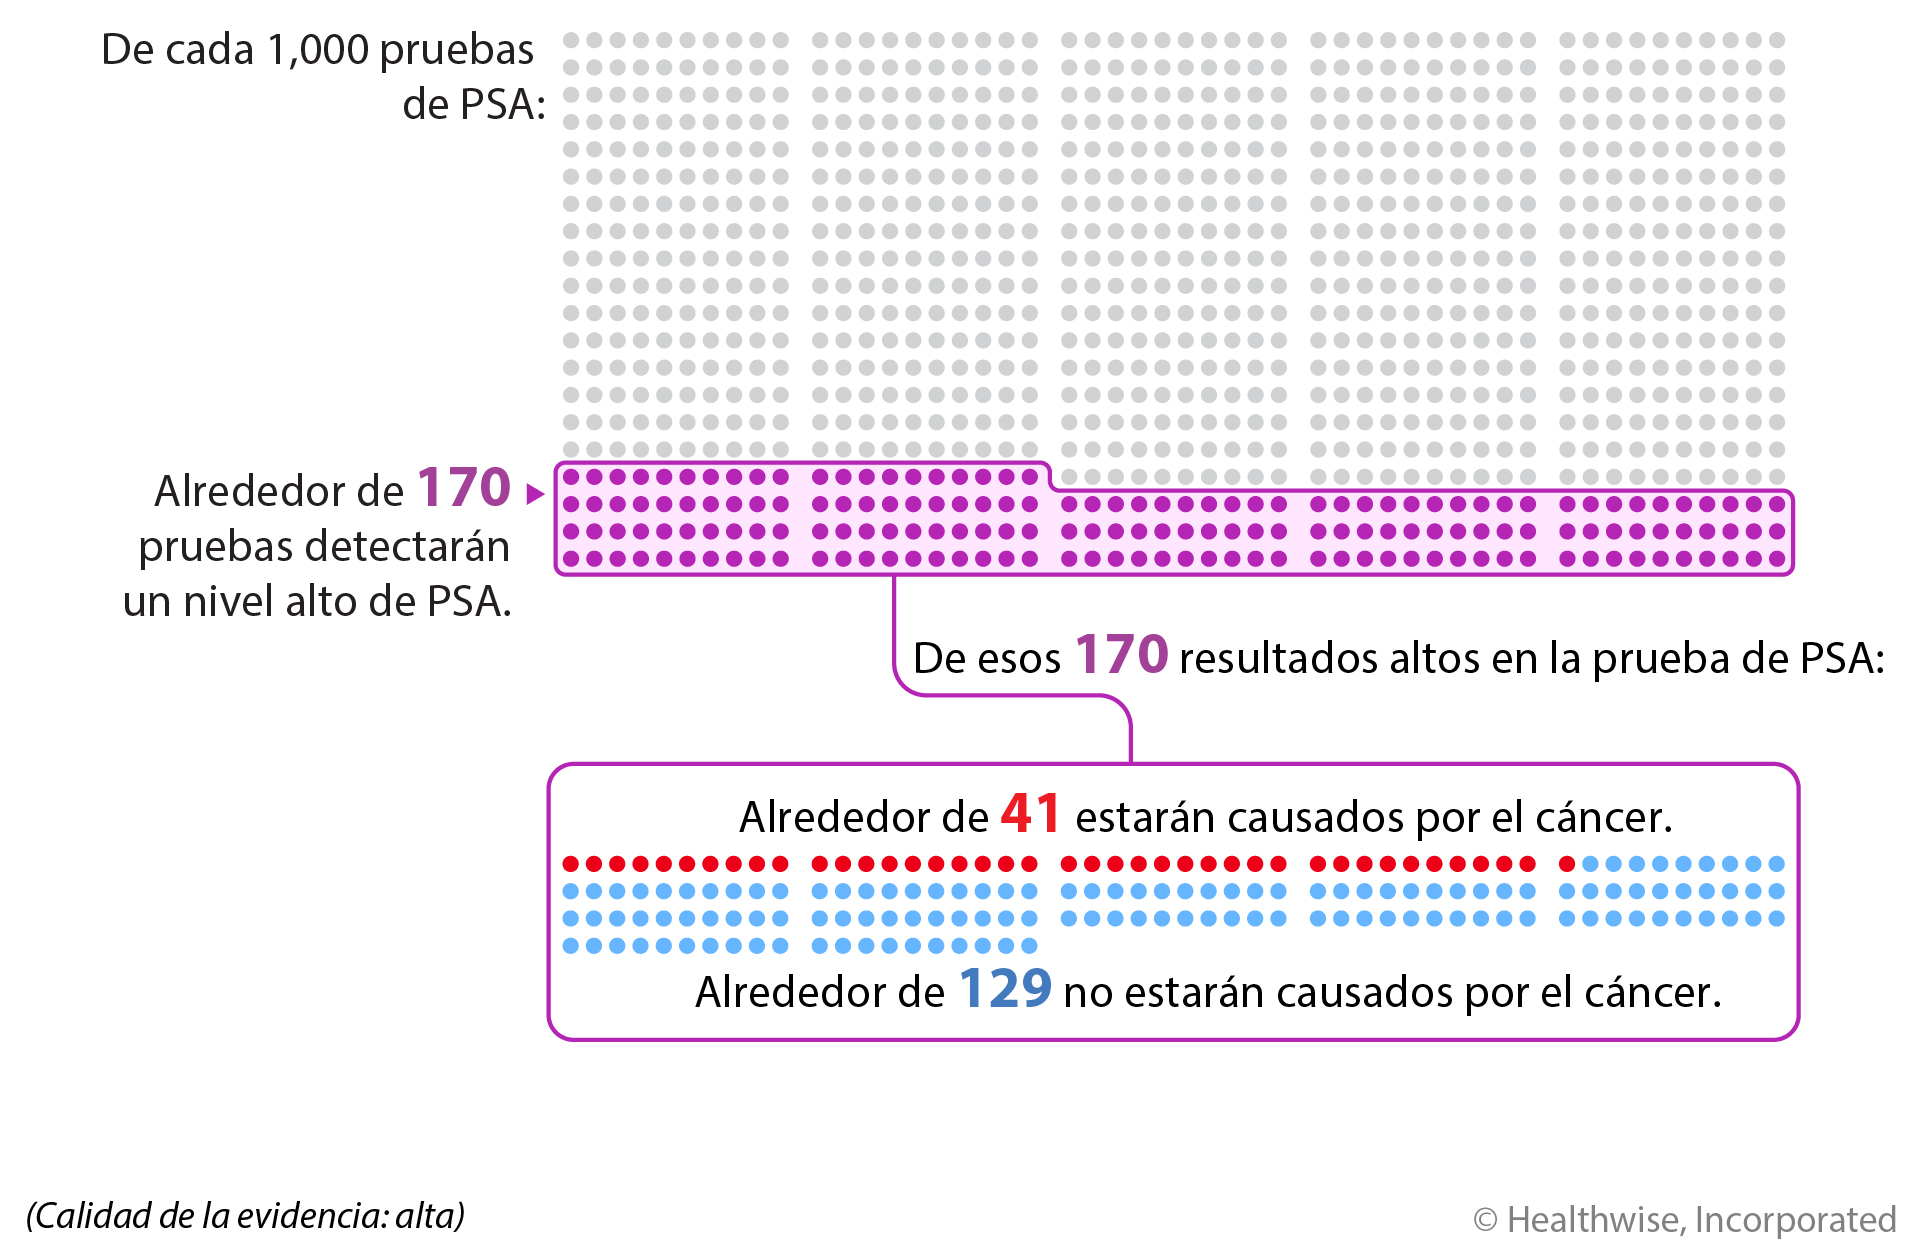 De cada 1,000 pruebas de PSA, alrededor de 170 de ellas mostrarán niveles altos de PSA. De esos 170 resultados altos en la prueba de PSA, alrededor de 129 no estarán causados por el cáncer, mientras que alrededor de 41 de los 170 sí estarán causados por el cáncer.